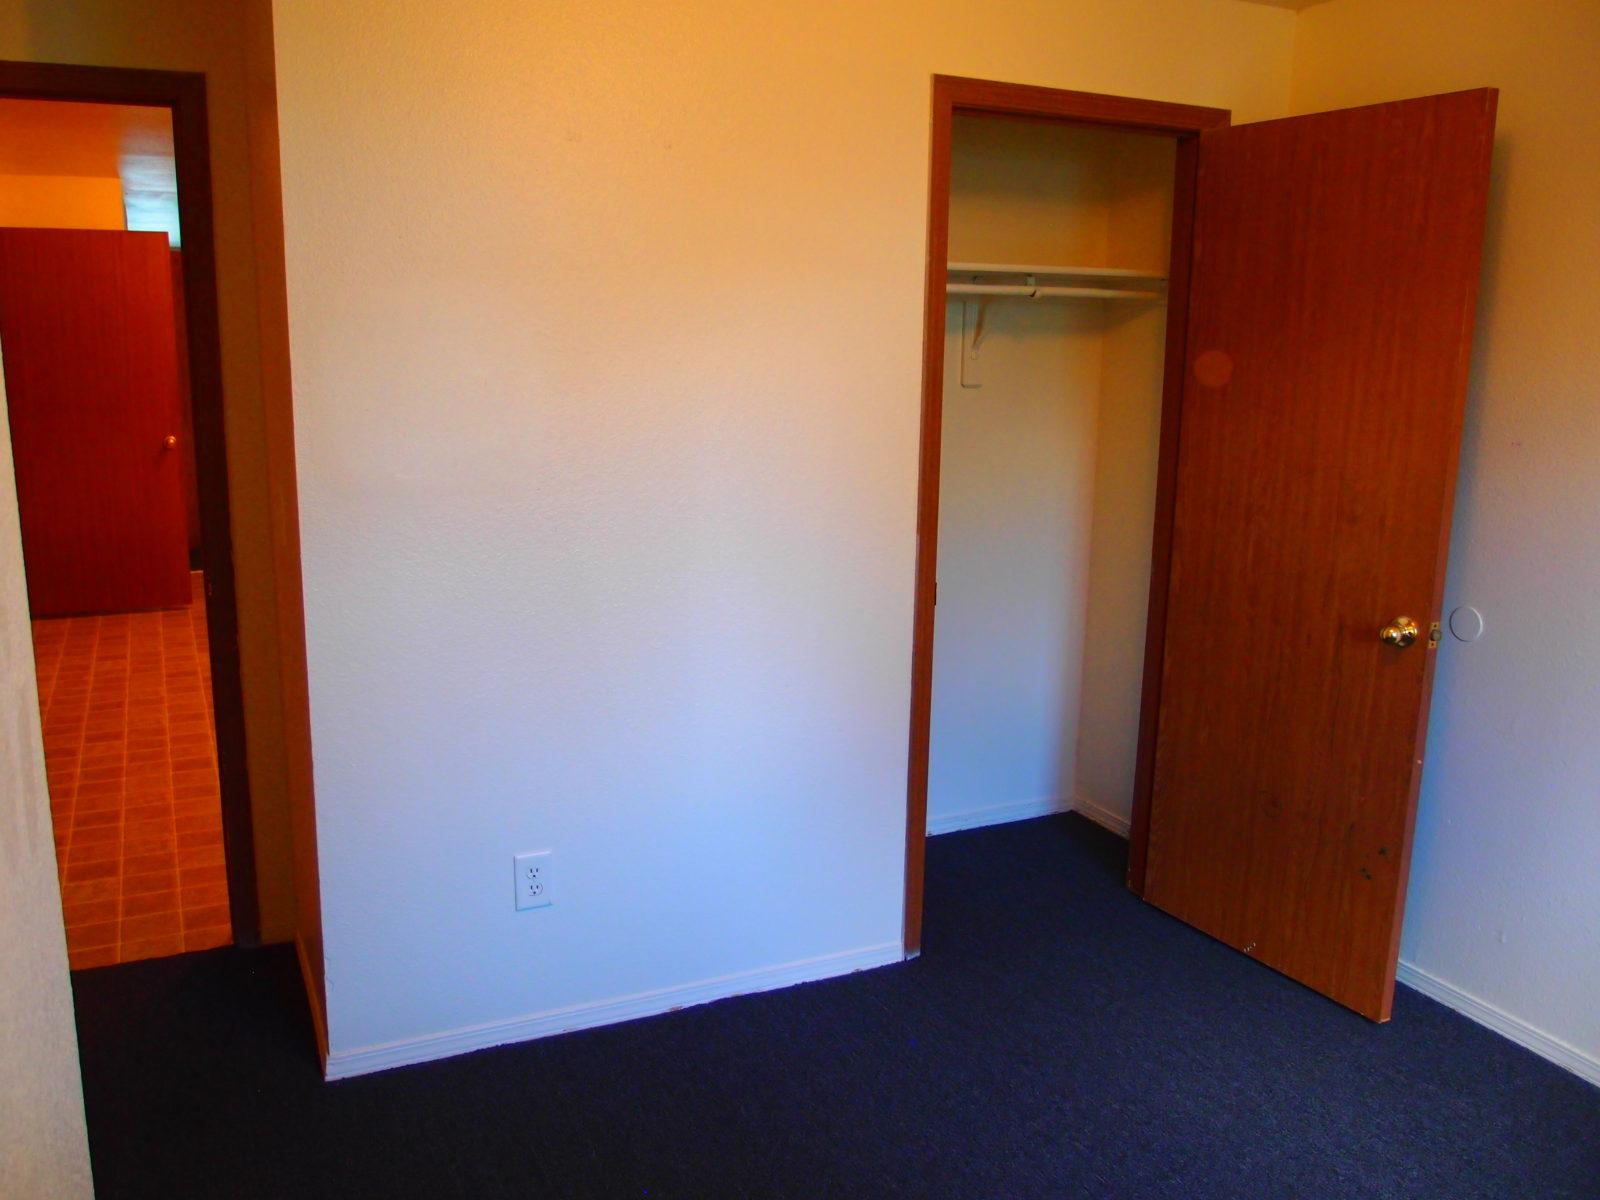 1443 A Bed 2 Closet